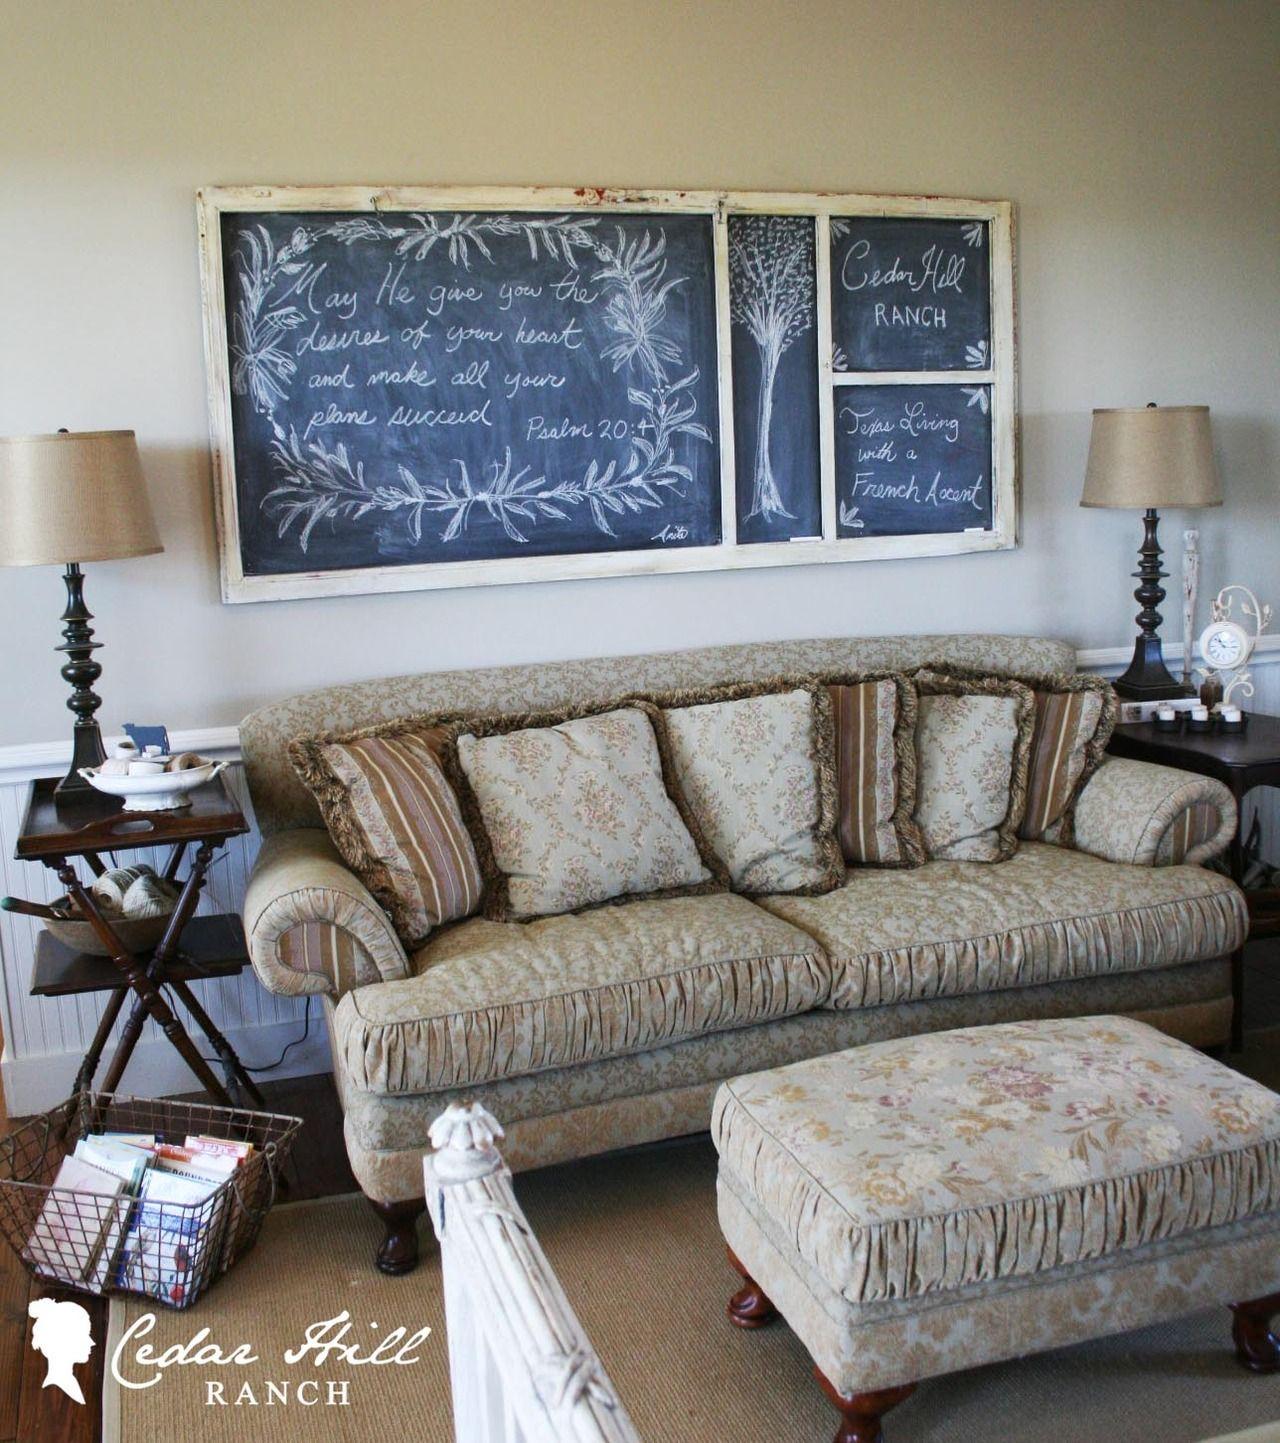 Recycleren: Maak je eigen tekstbord uit een oude hordeur http://blog.huisjetuintjeboompje.be/maak-eigen-tekstbord-oude-hordeur/